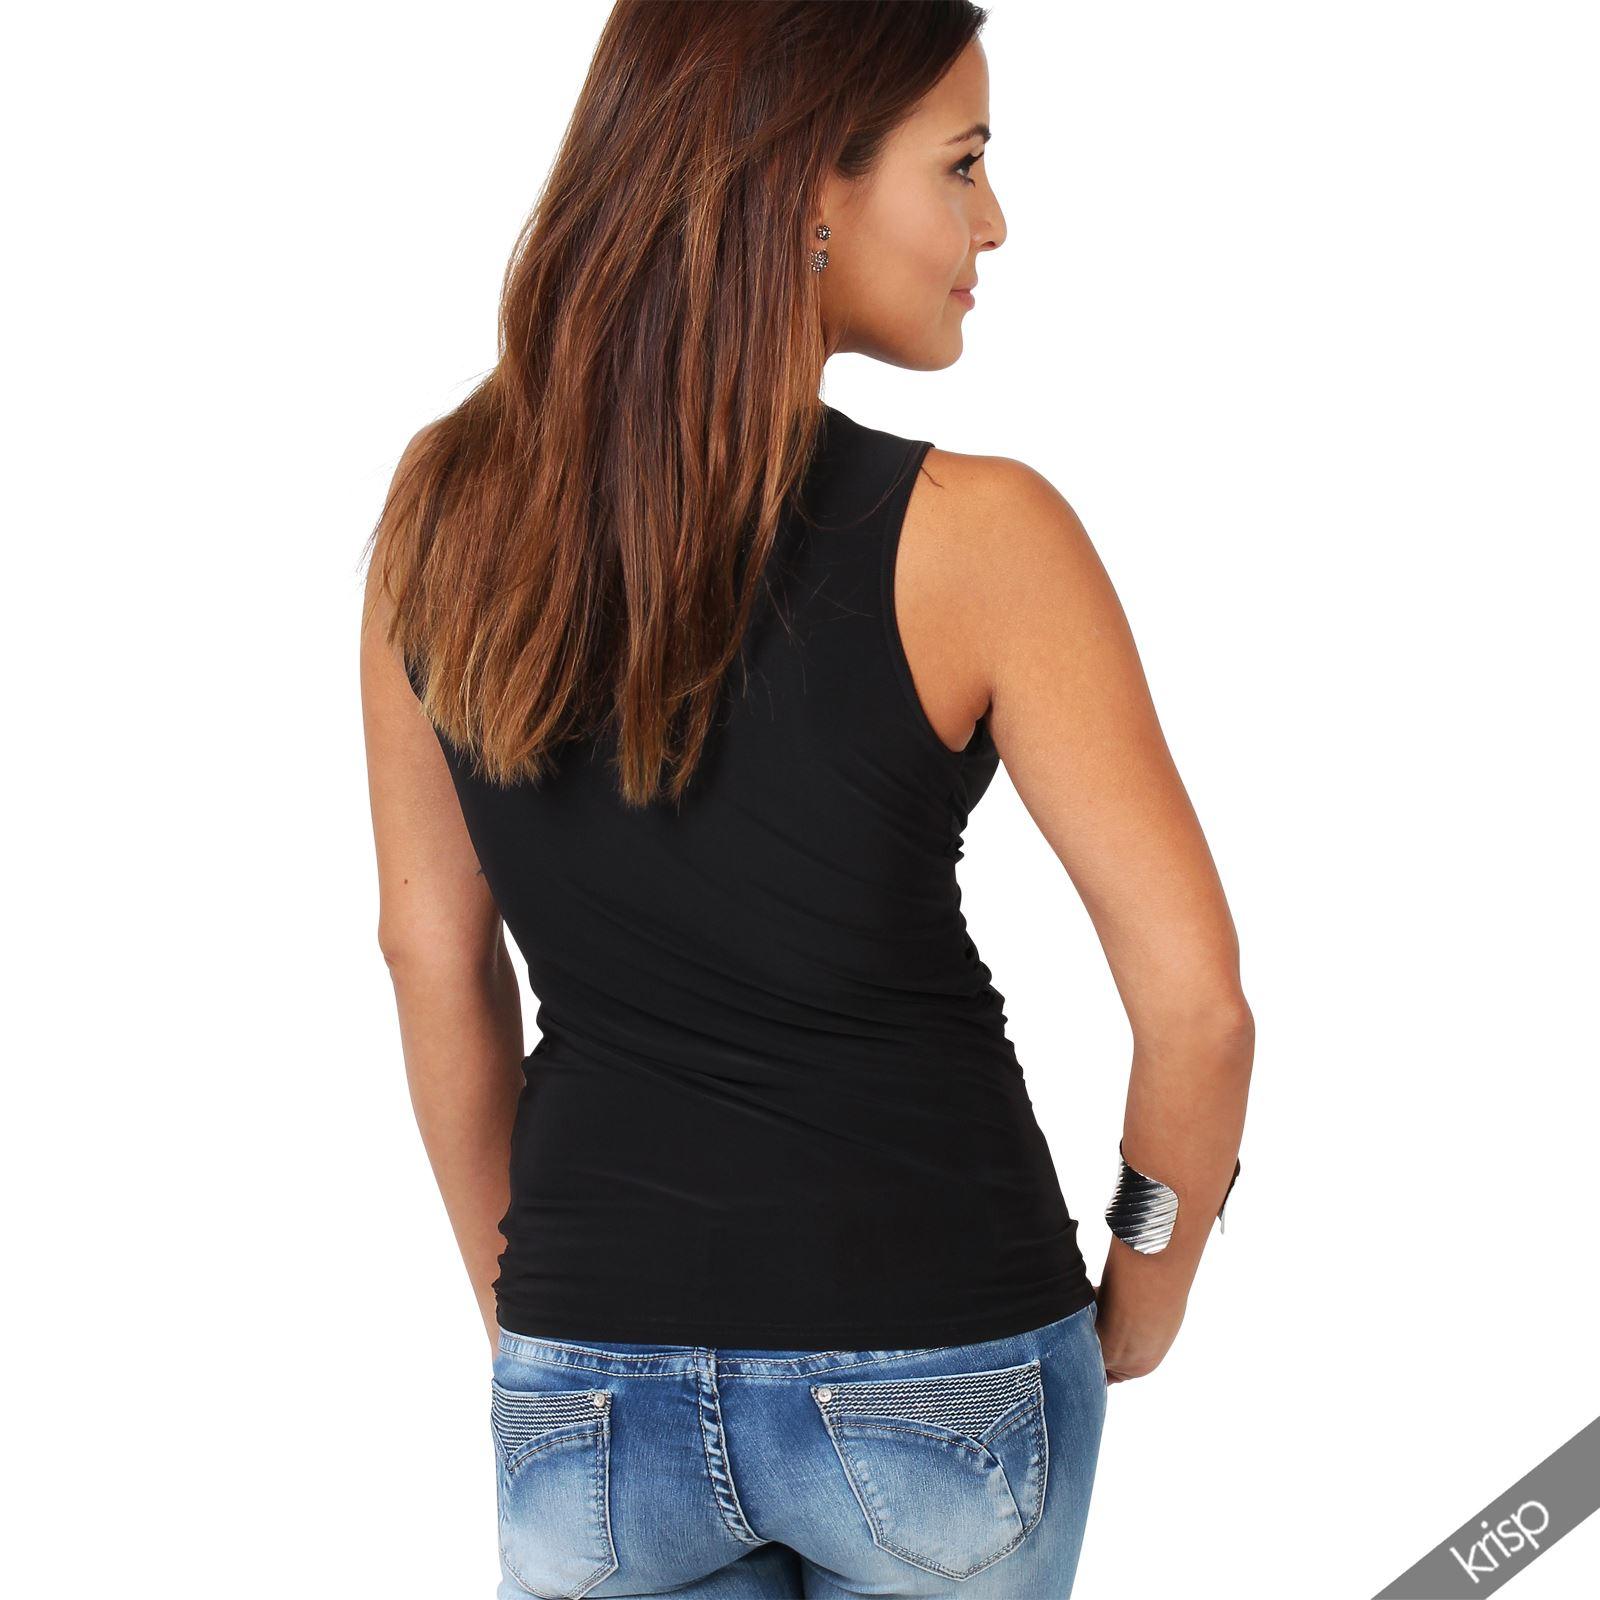 Krisp femme top haut fronc boucle jersey stretch col en v et f te soir e sexy ebay - Haut sexy femme ...